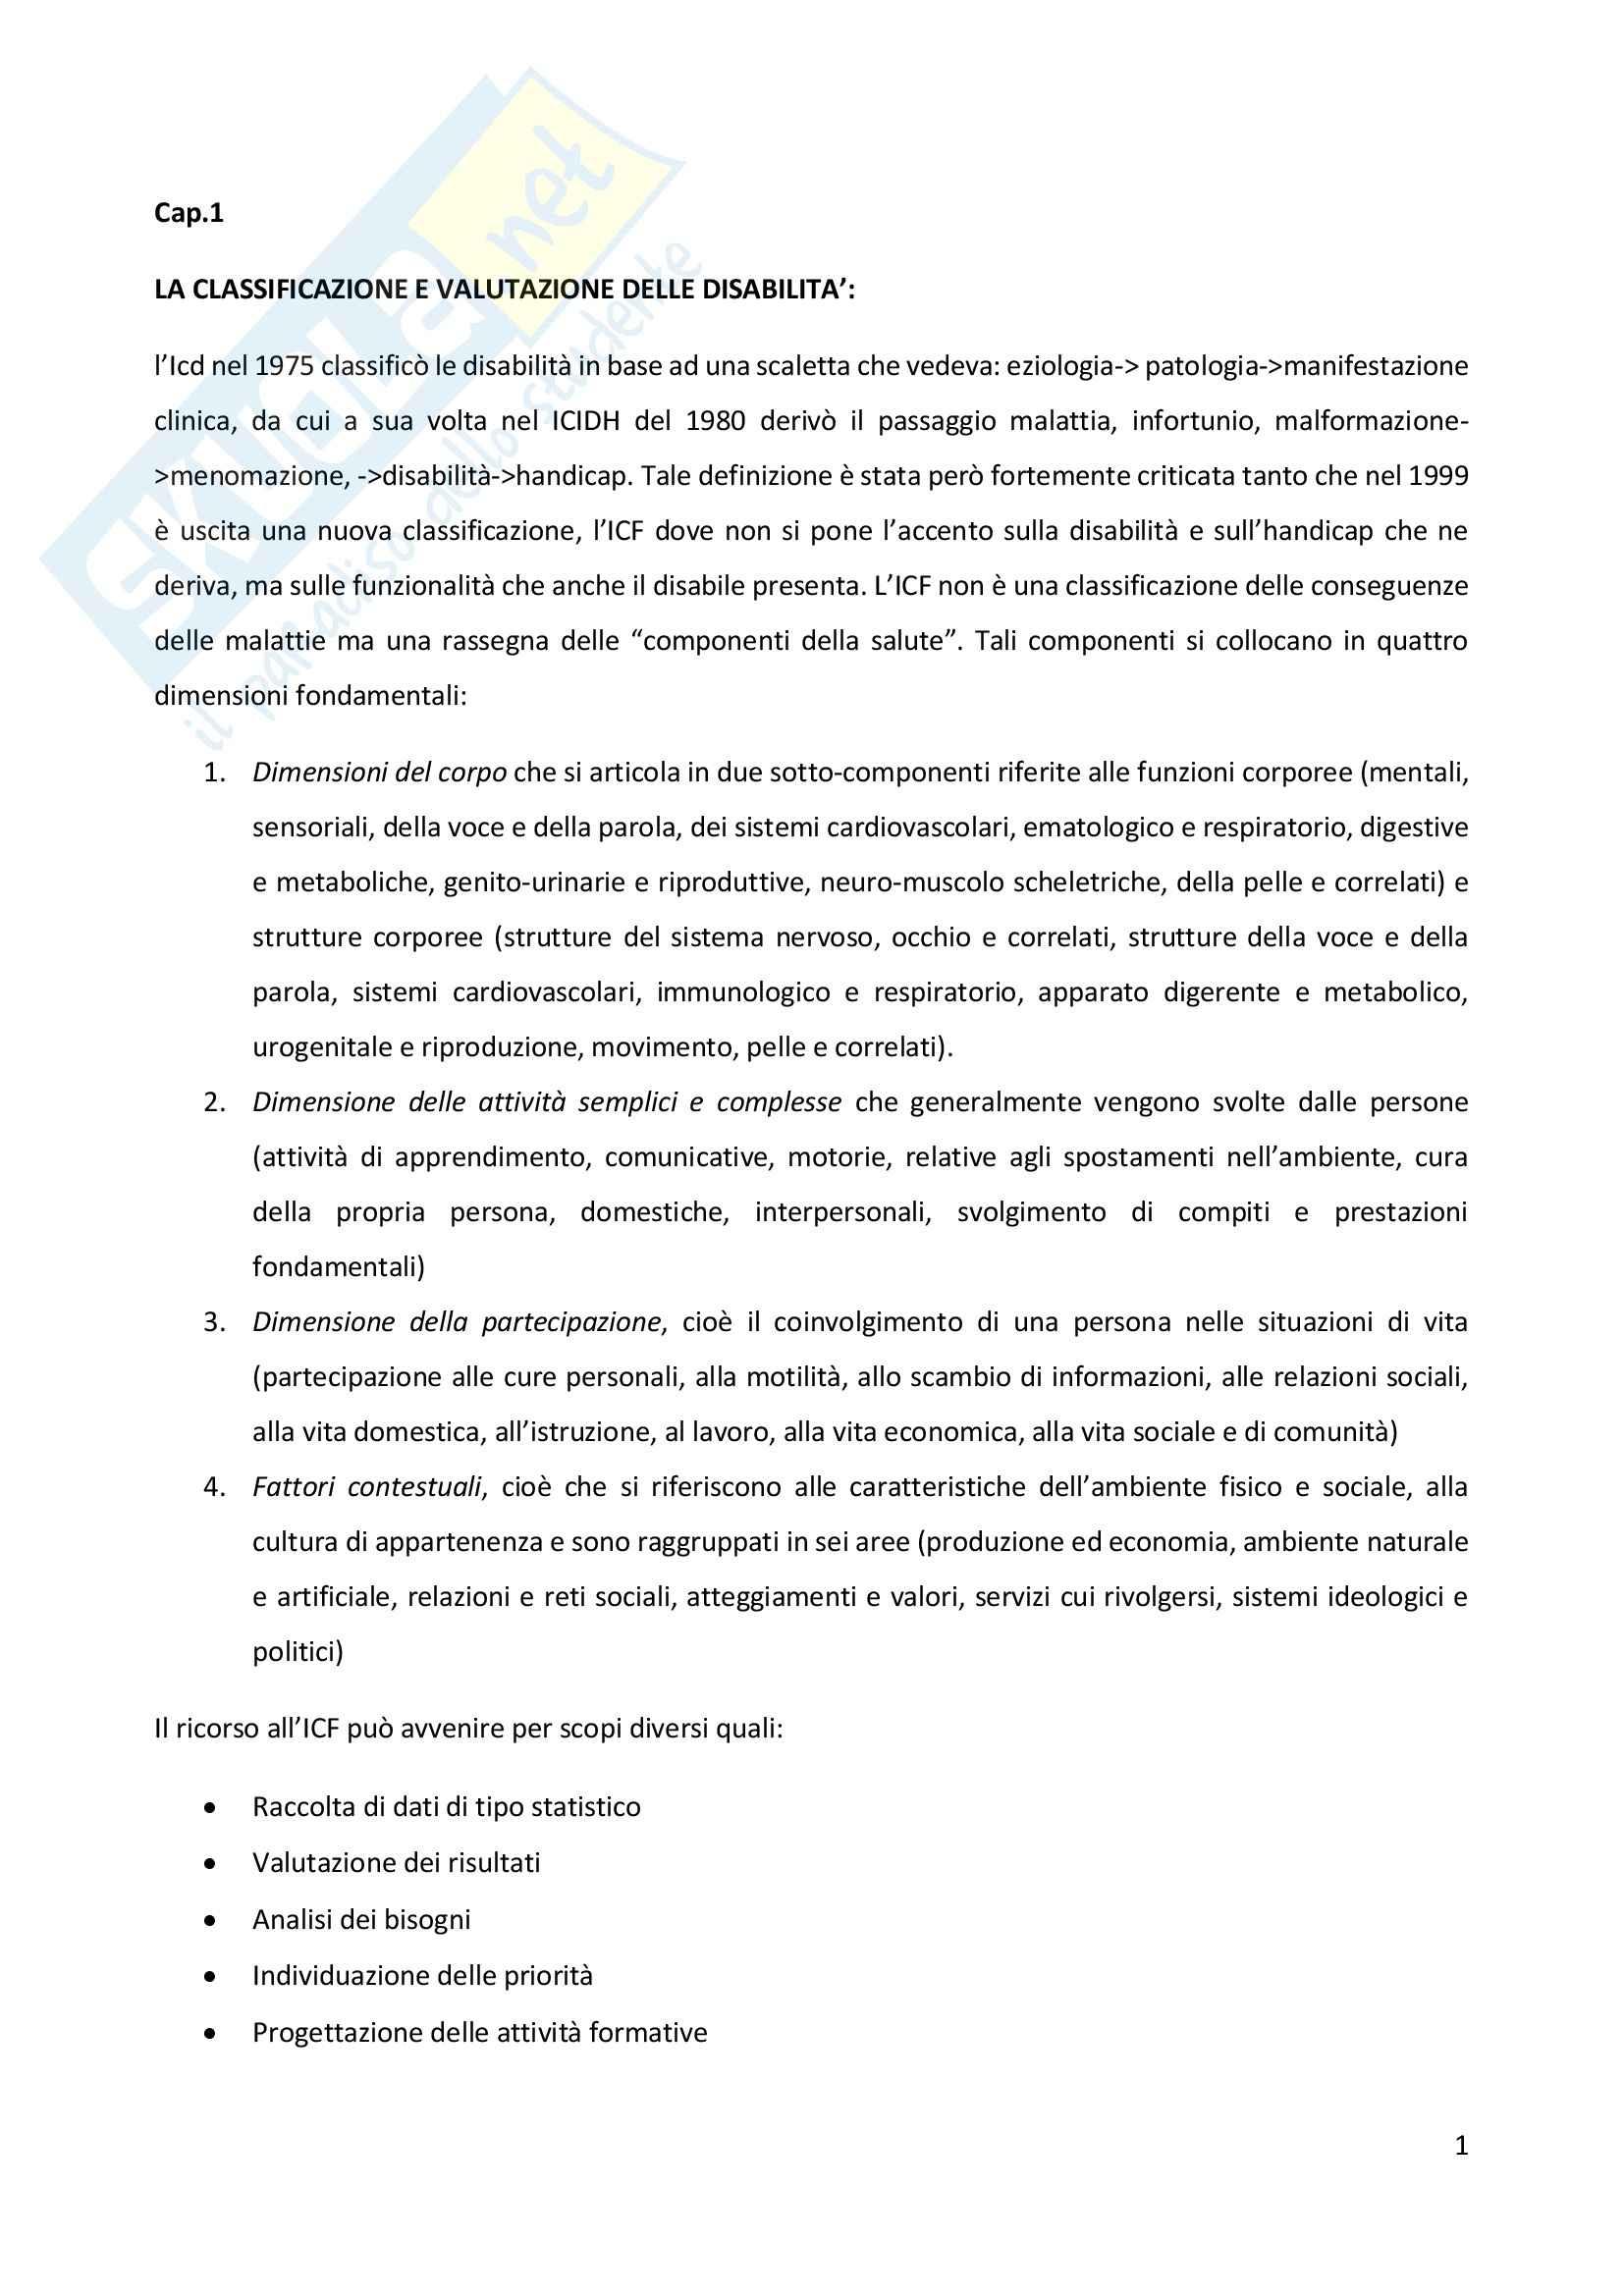 Psicologia delle disabilità, Soresi - Appunti cap. 1